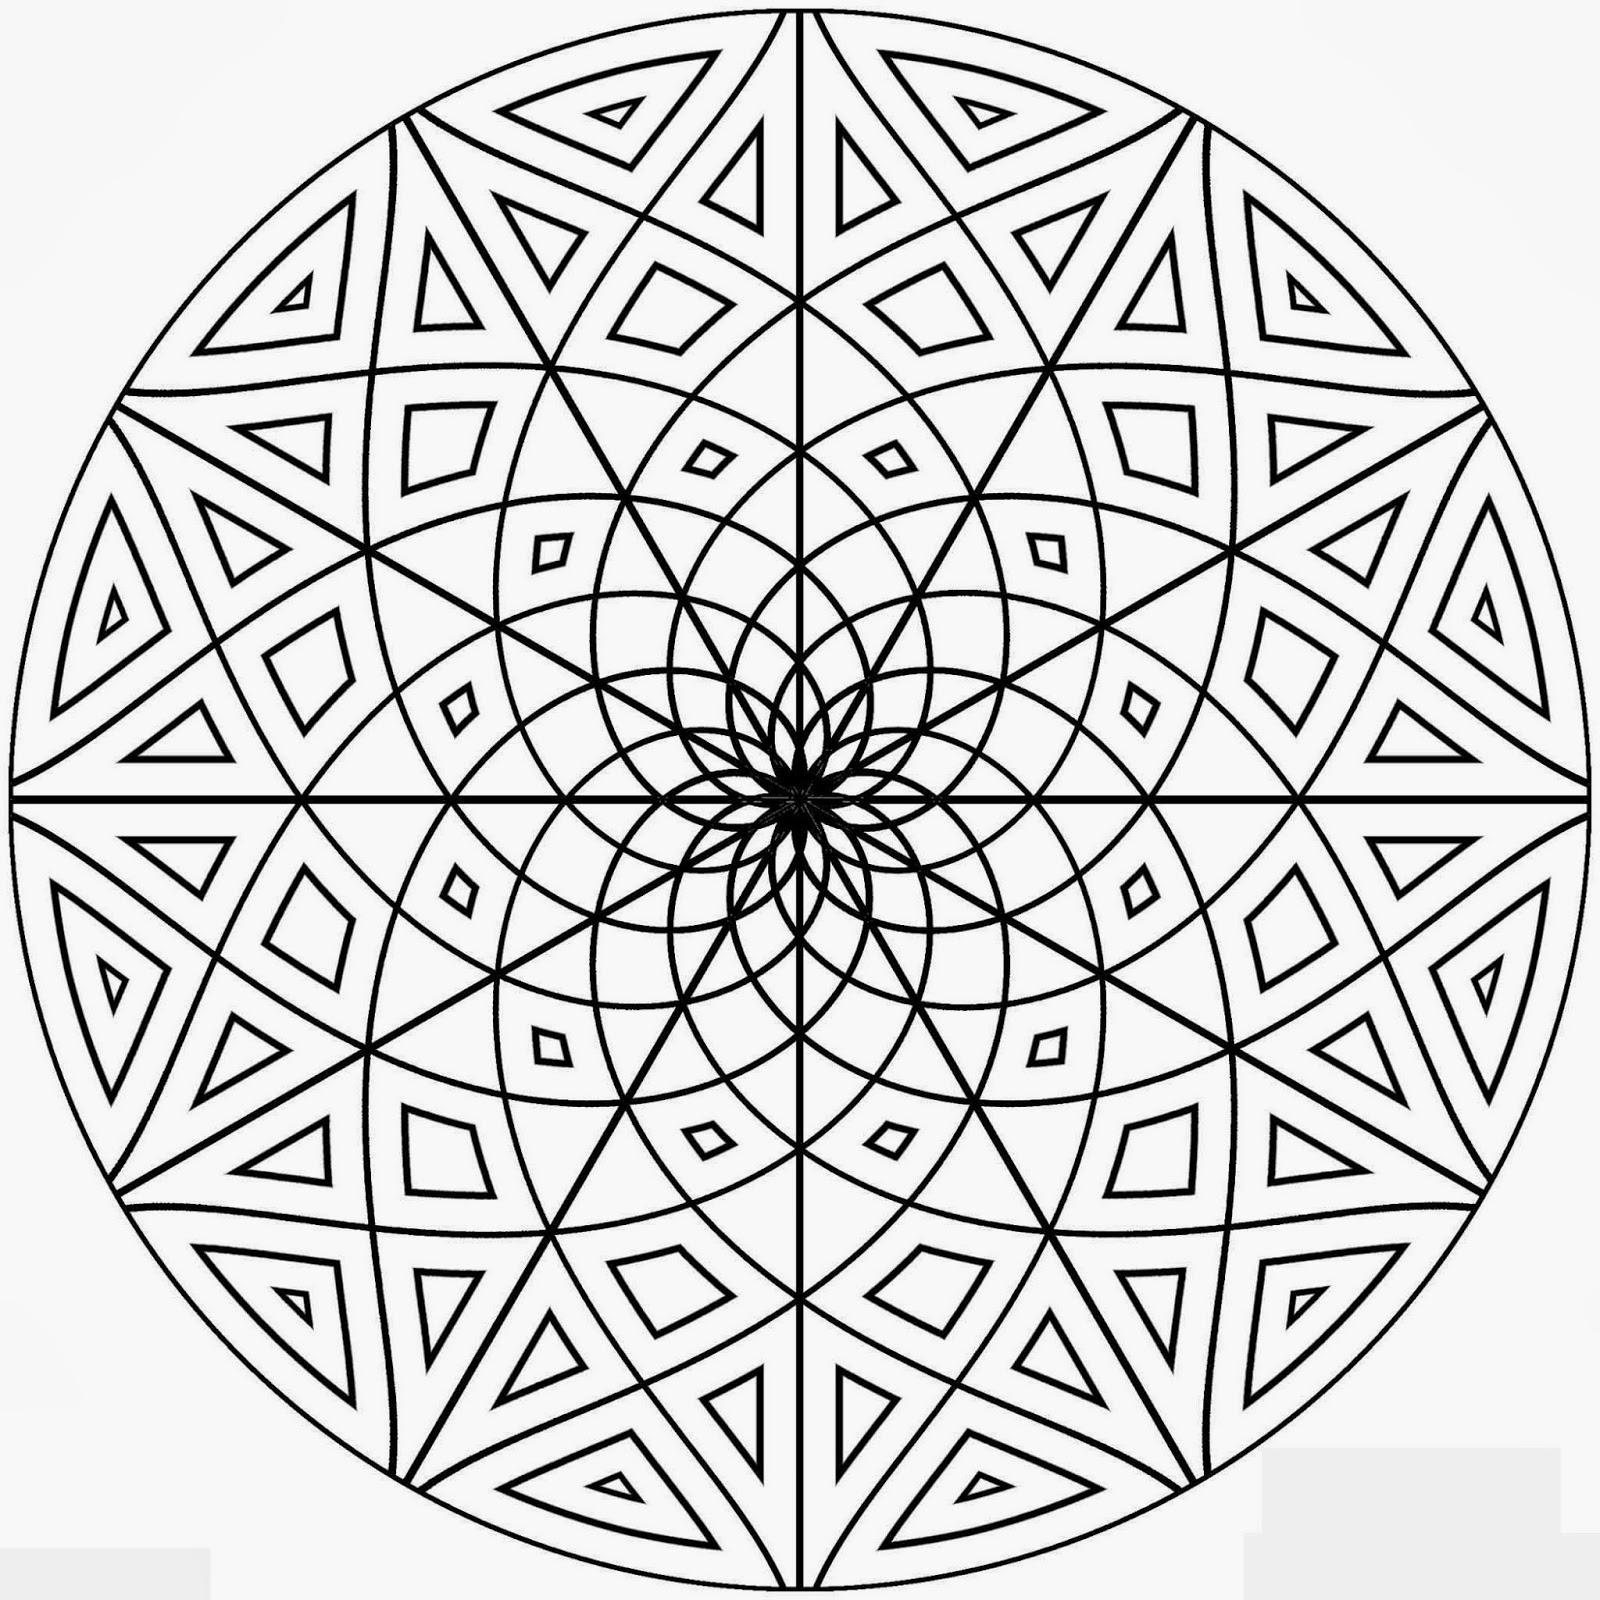 Desenhos De Formas Geométricas Para Colorir E Imprimir